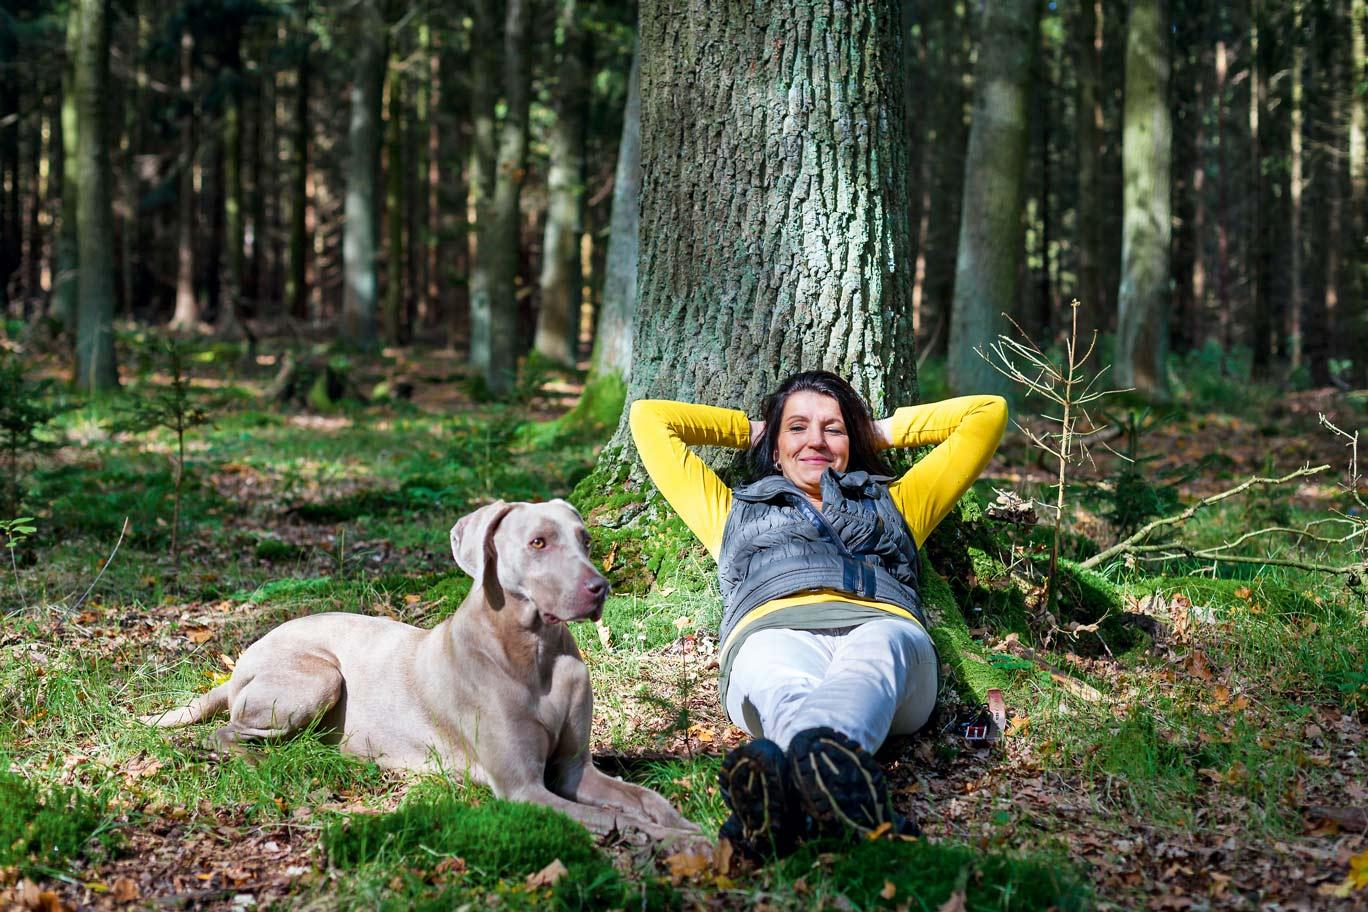 Totale Entspannung: Hund und Mensch bei der Wanderrast © fotolia